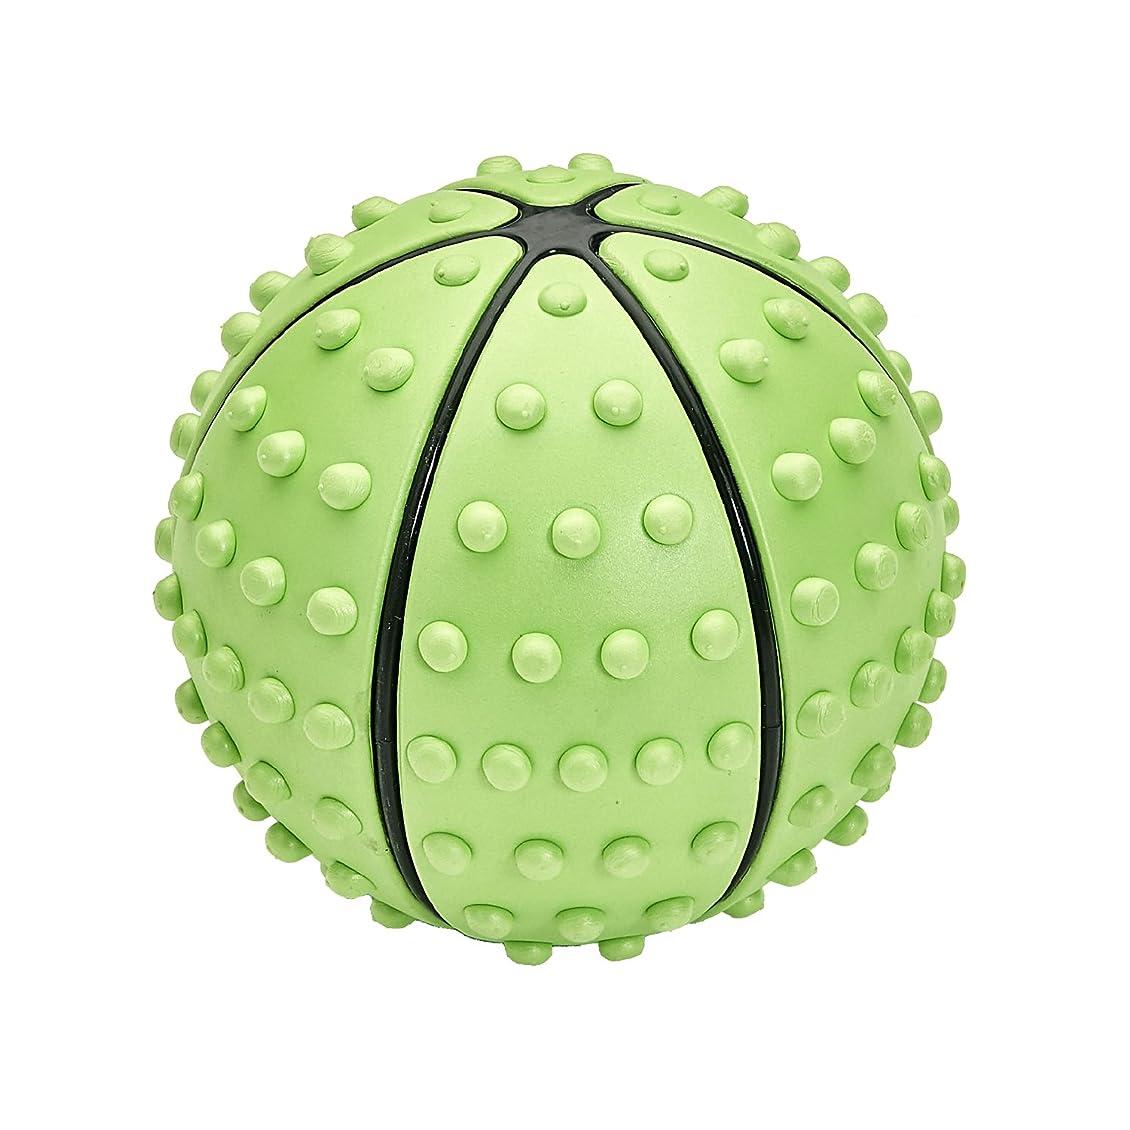 郡大学生一回IRONMAN CLUB(鉄人倶楽部) 指圧 ストレッチ ボール KW-900 リフレッシュ トレーニング こりほぐし